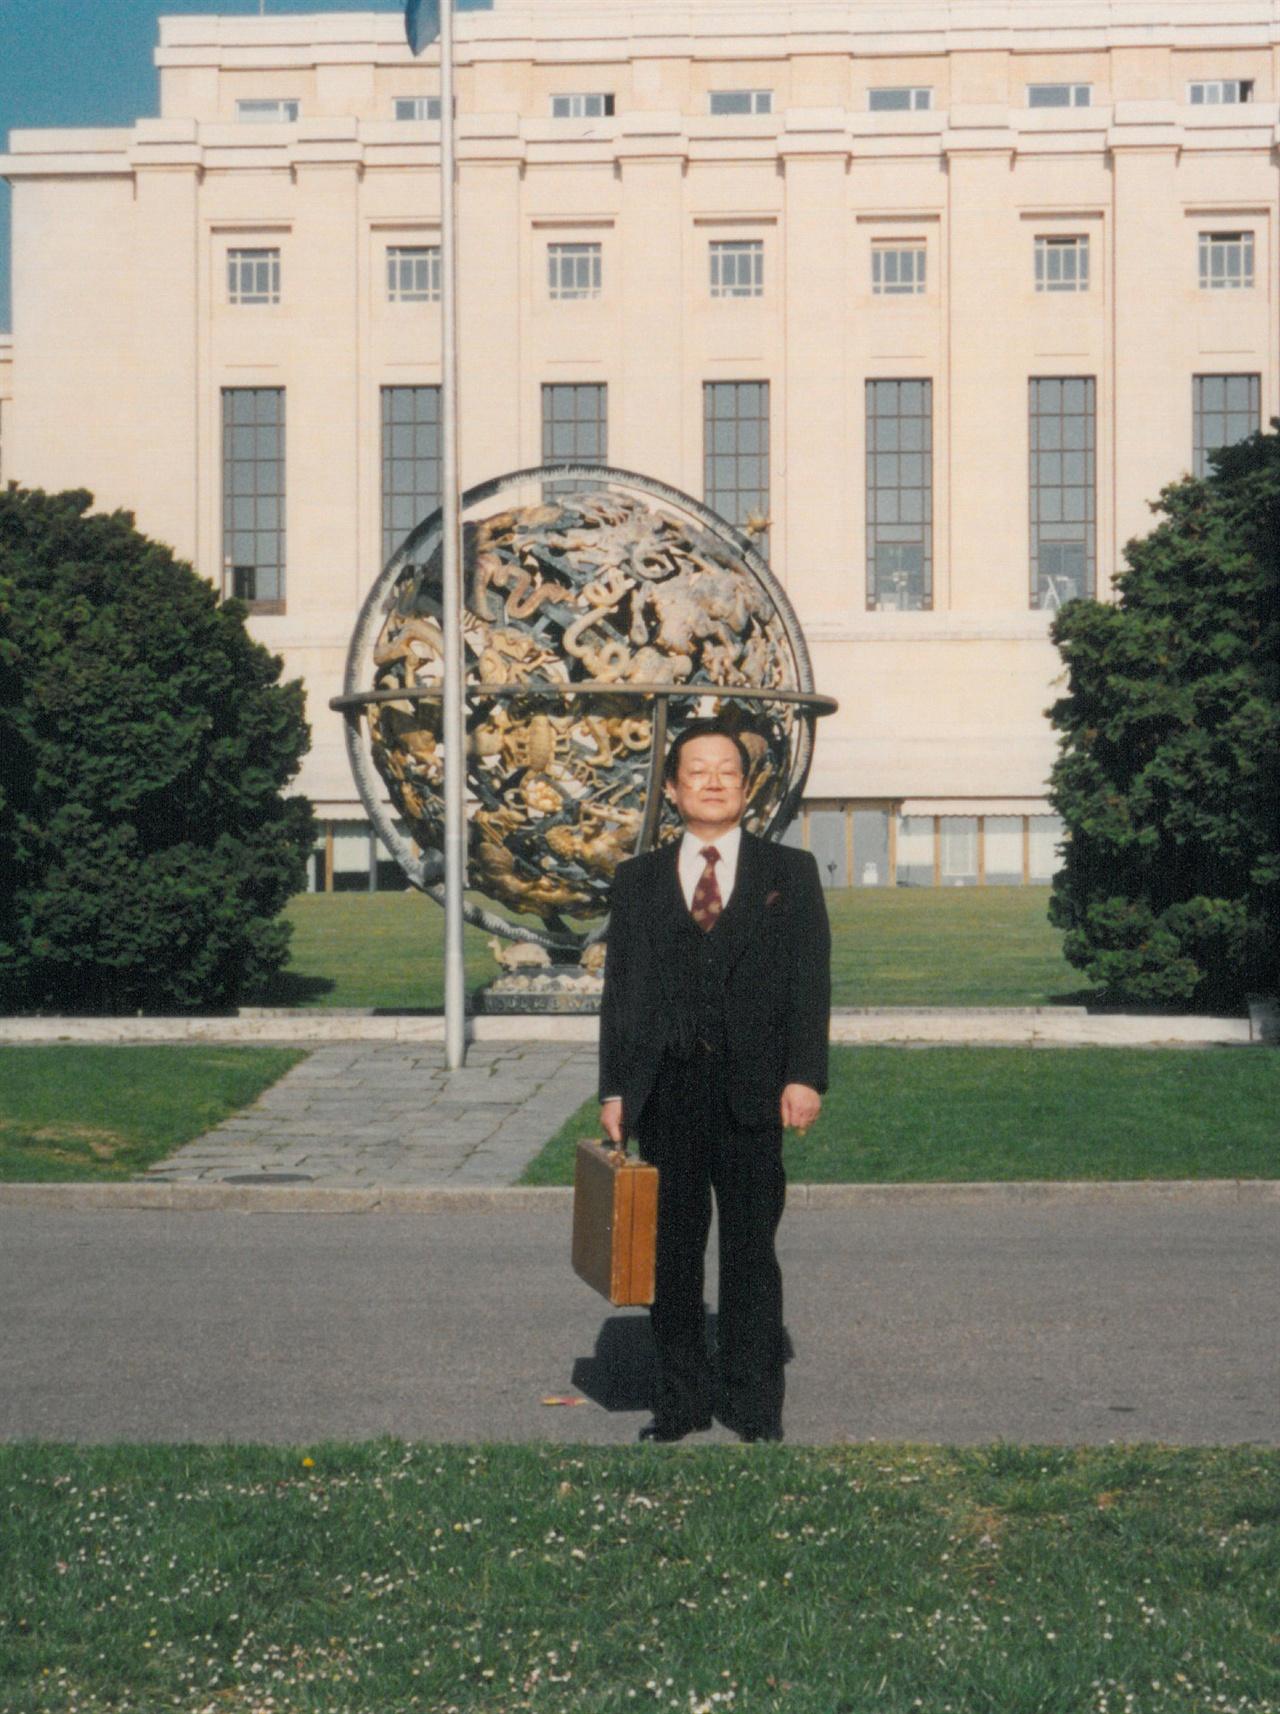 유엔 아프가니스탄 인권 특별보고관 재임 중 스위스 제네바 유엔본부 앞에서 백충현 교수의 망중한 모습.